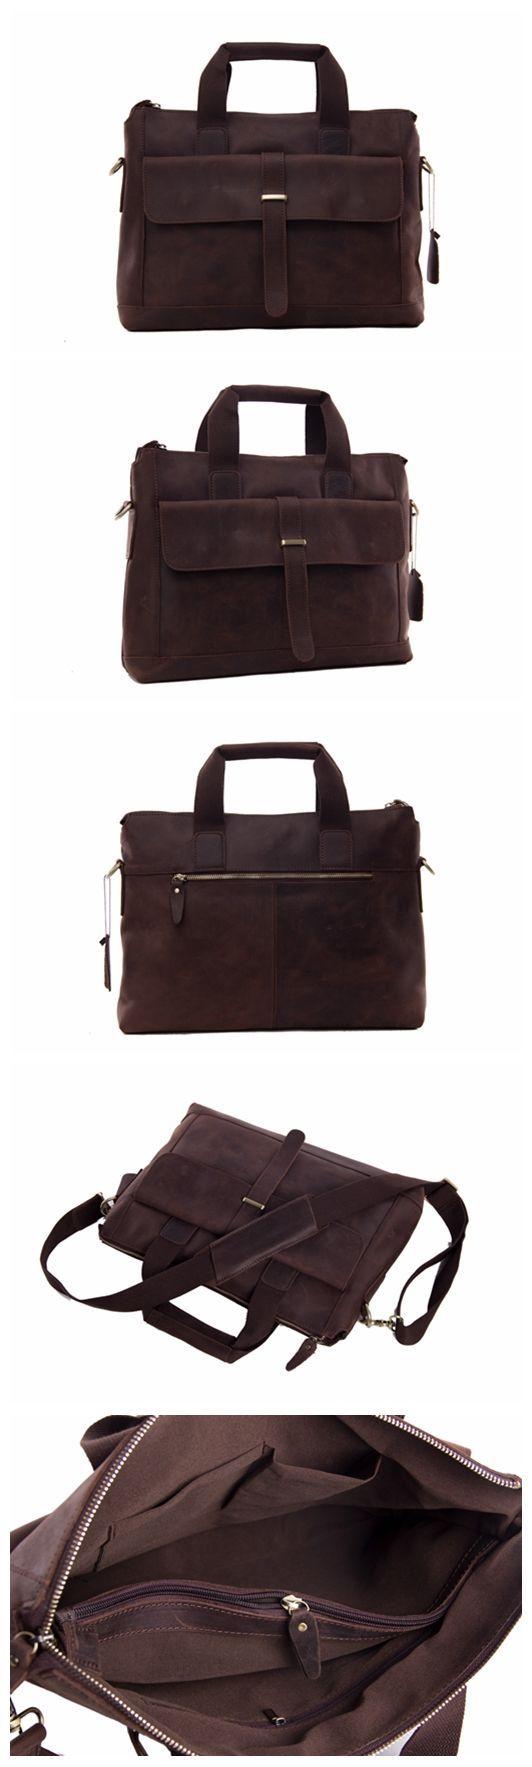 Leather Mens Briefcase Messenger Bag Laptop Shoulder Bag